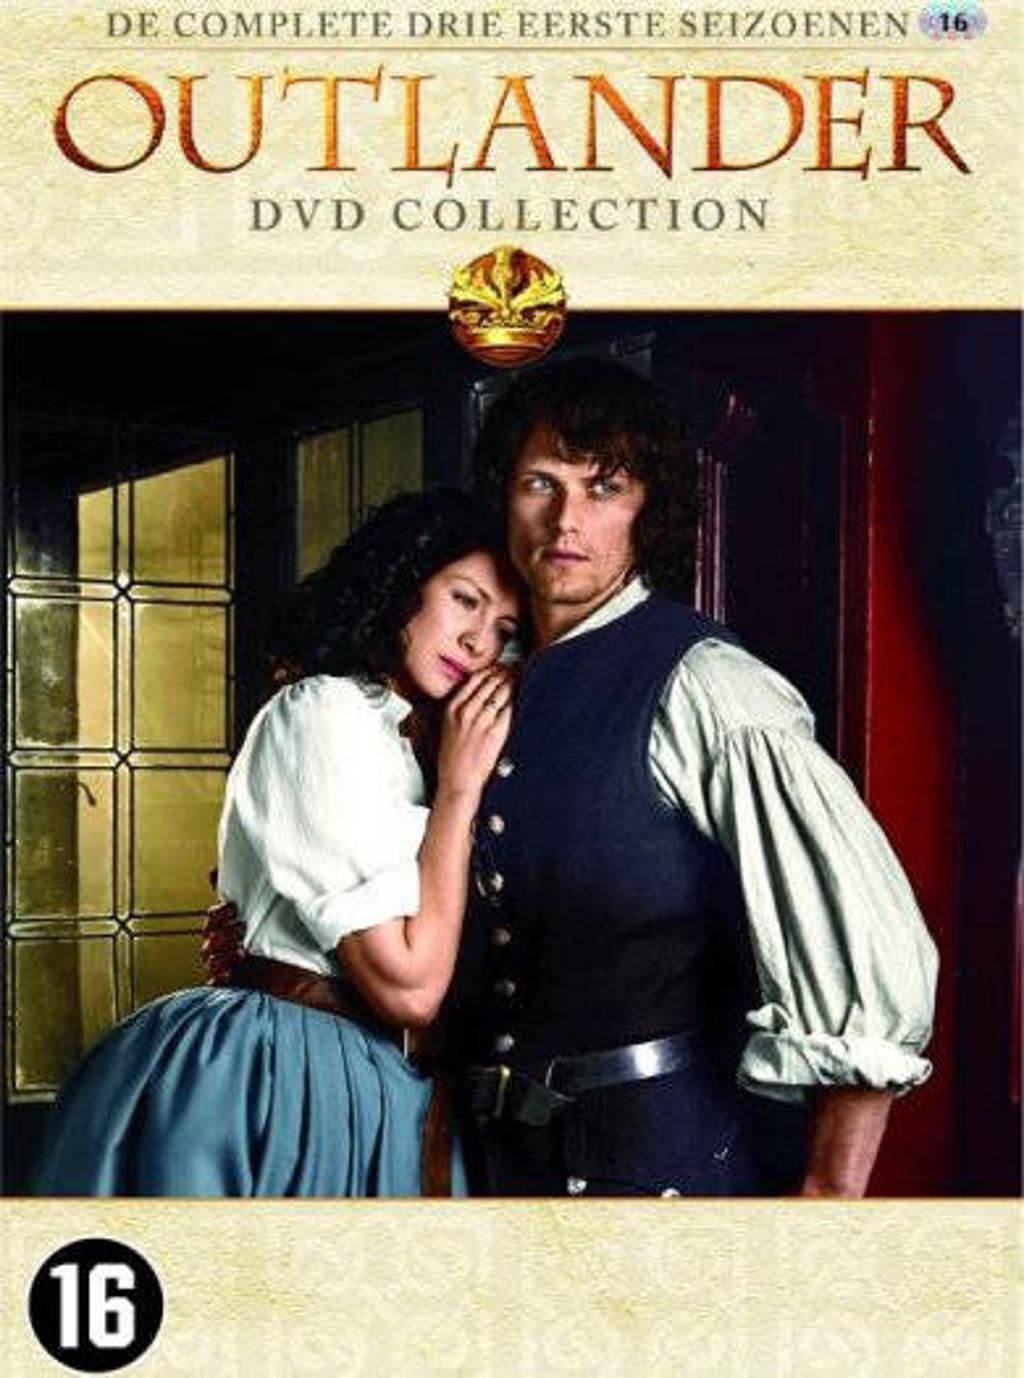 Outlander - Seizoen 1-3 (DVD)